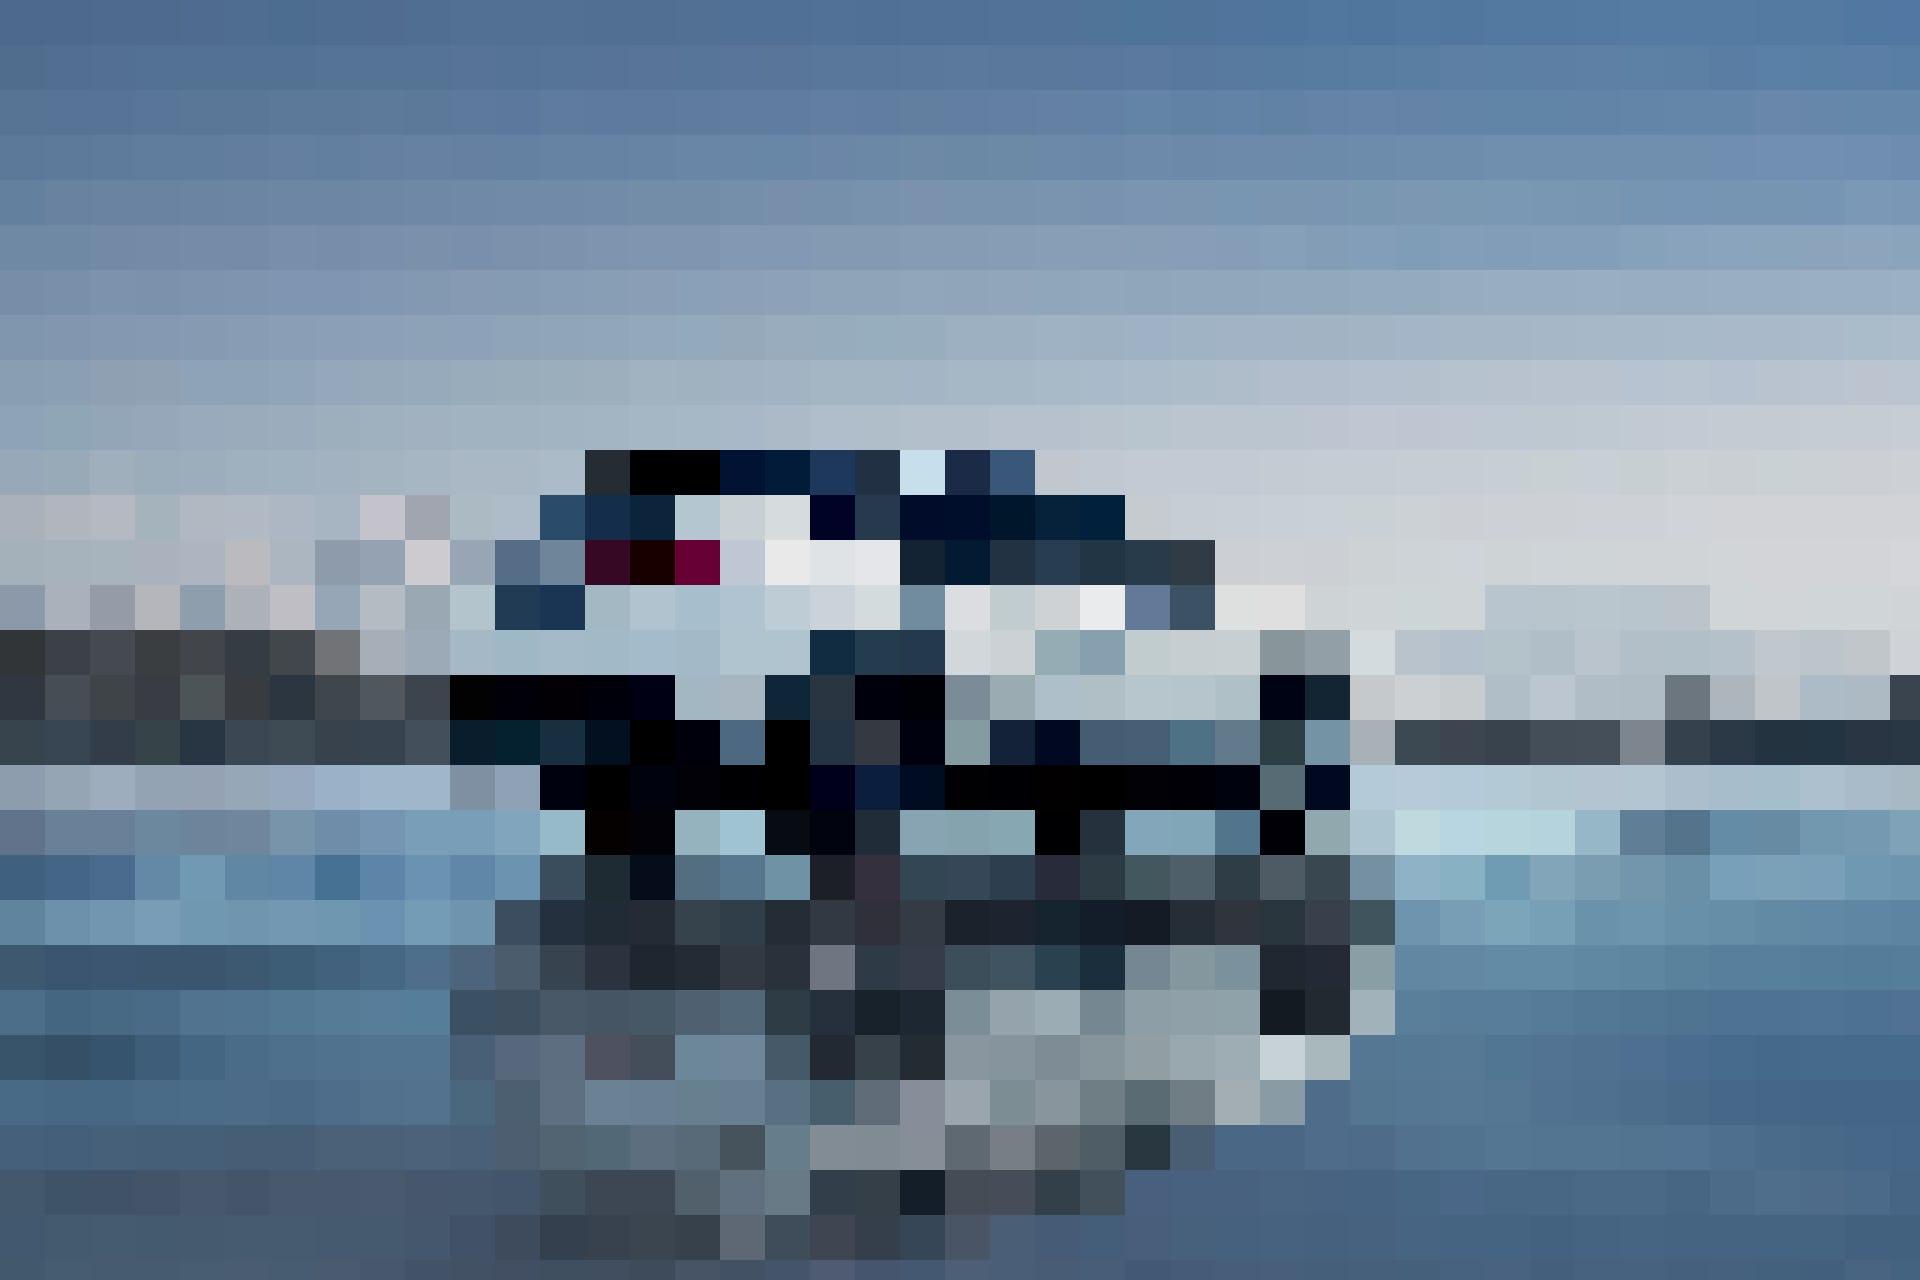 Wenn SUV, dann gerne das Original und mit Vollhybrid-Antrieb: Die Vielseitigkeit des Toyota RAV4 ist legendär, der tiefe Verbrauch dank Hybrid-Technol...